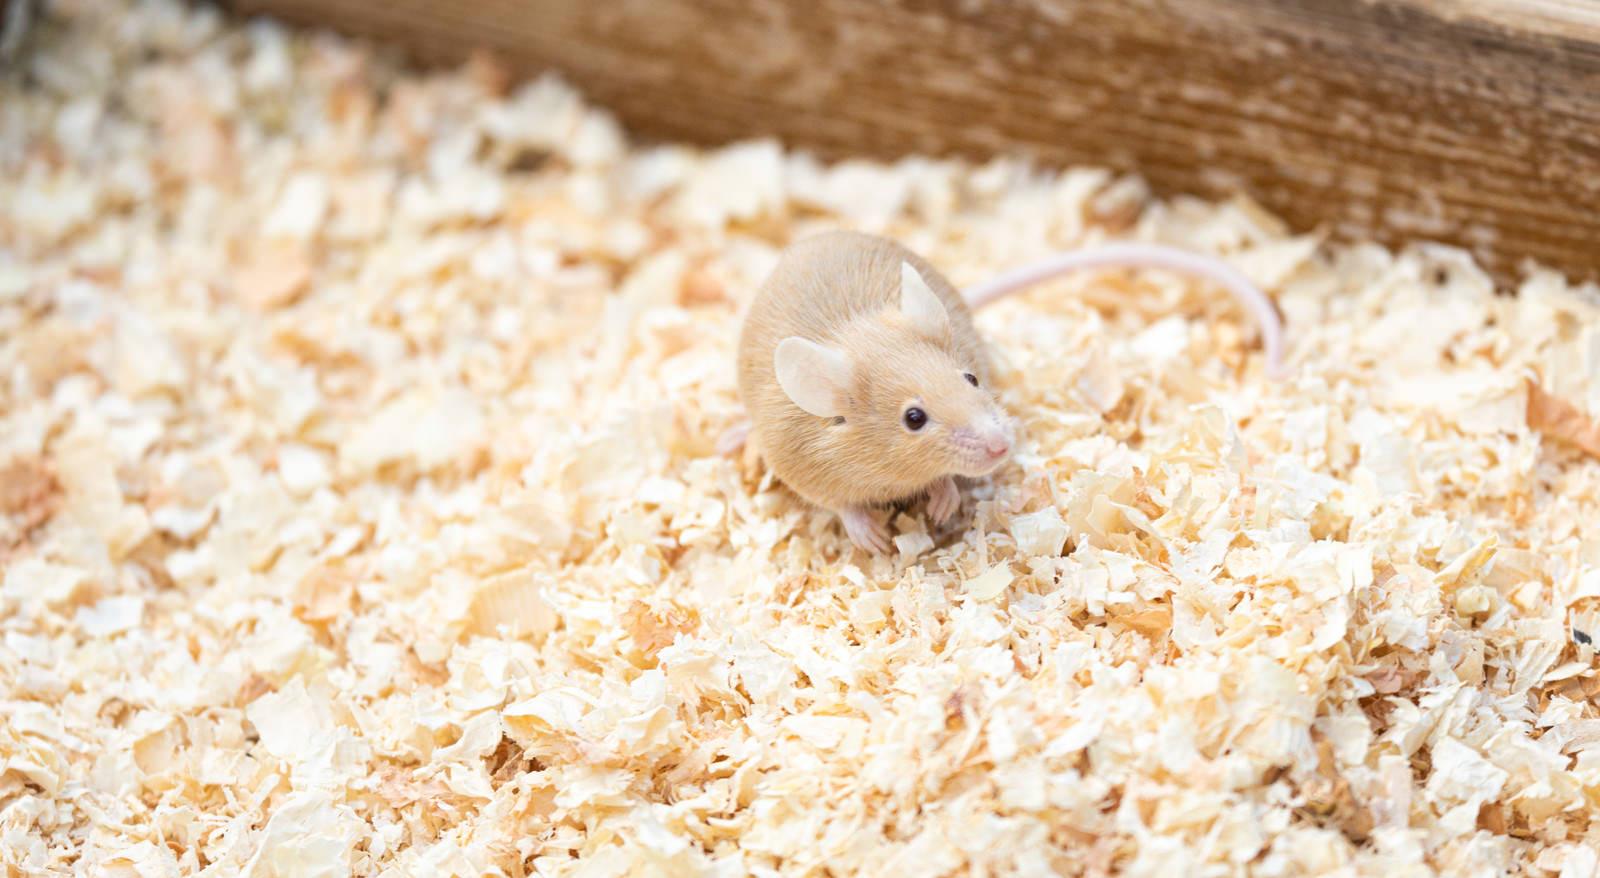 「ハツカネズミ」の写真